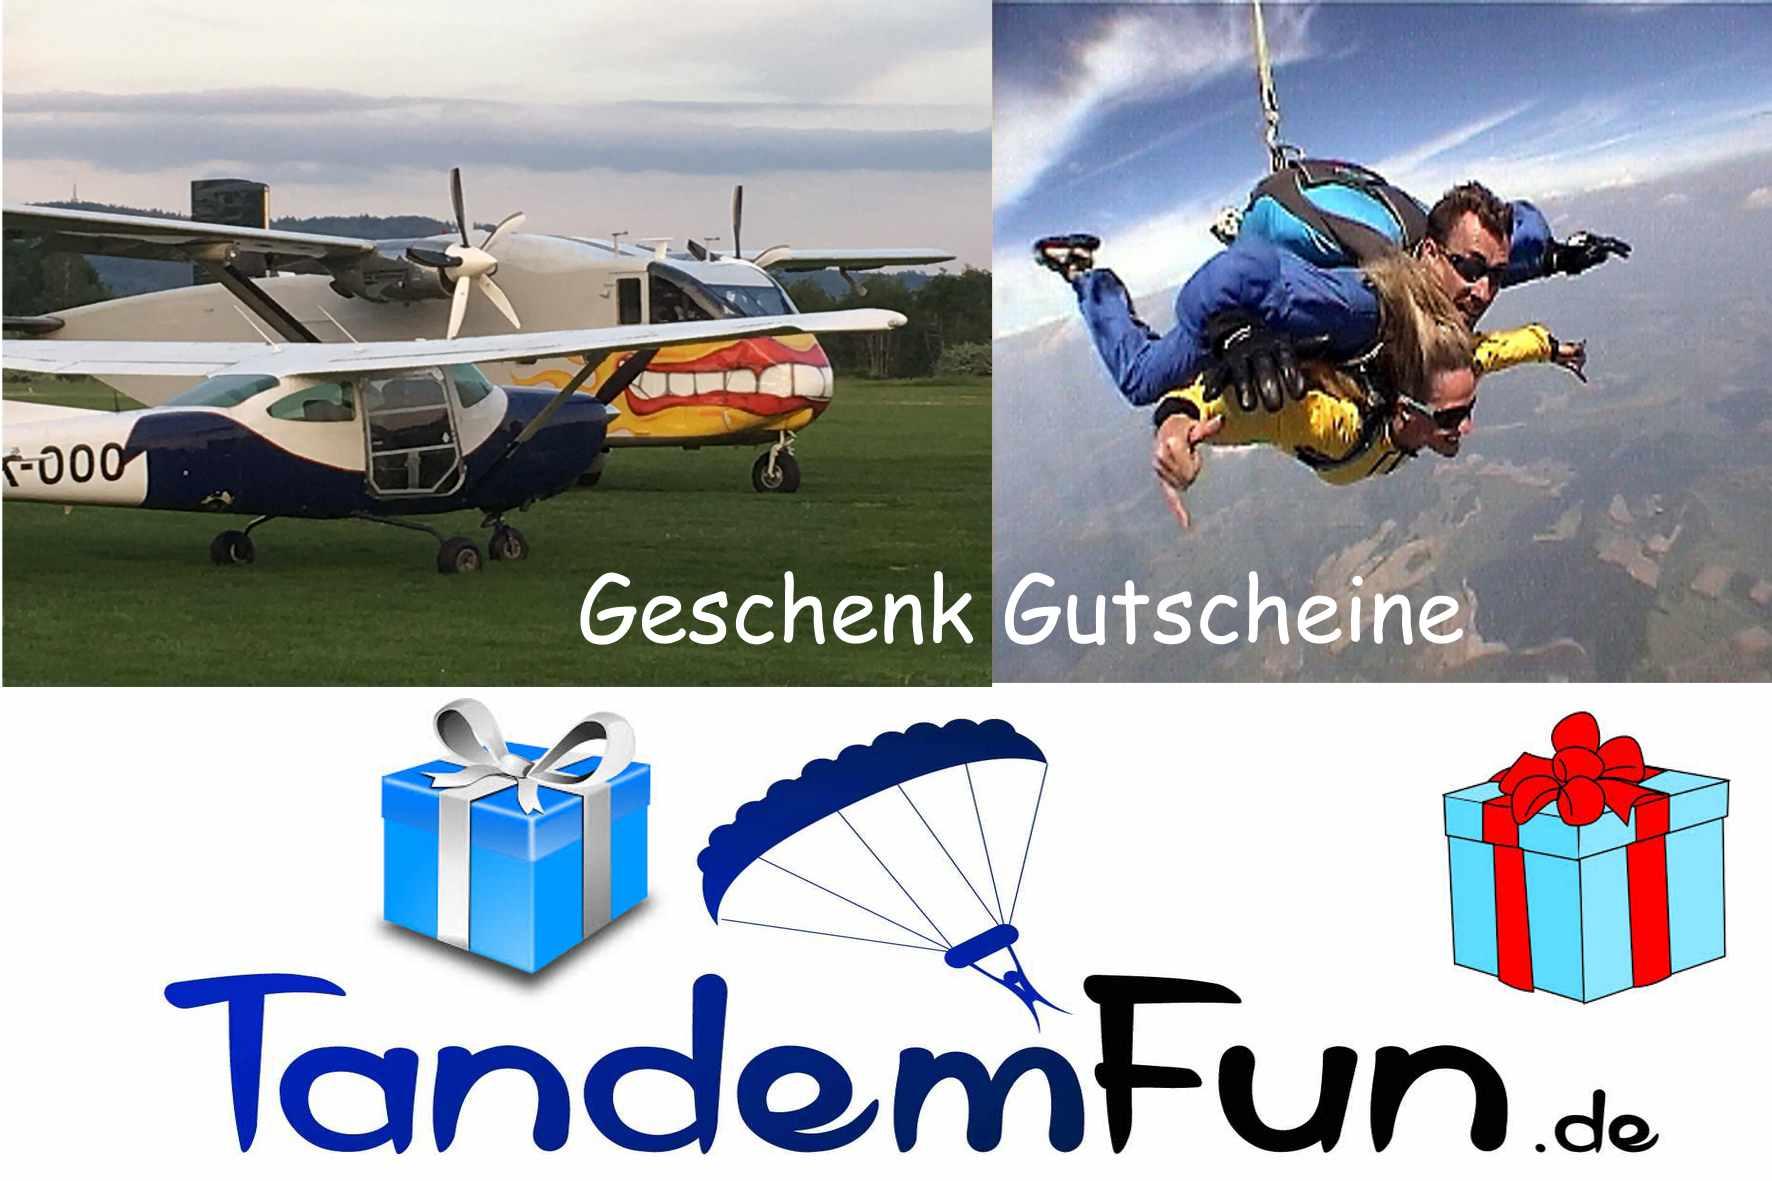 Tandemsprung-Gutschein-Geschenk-Bayern